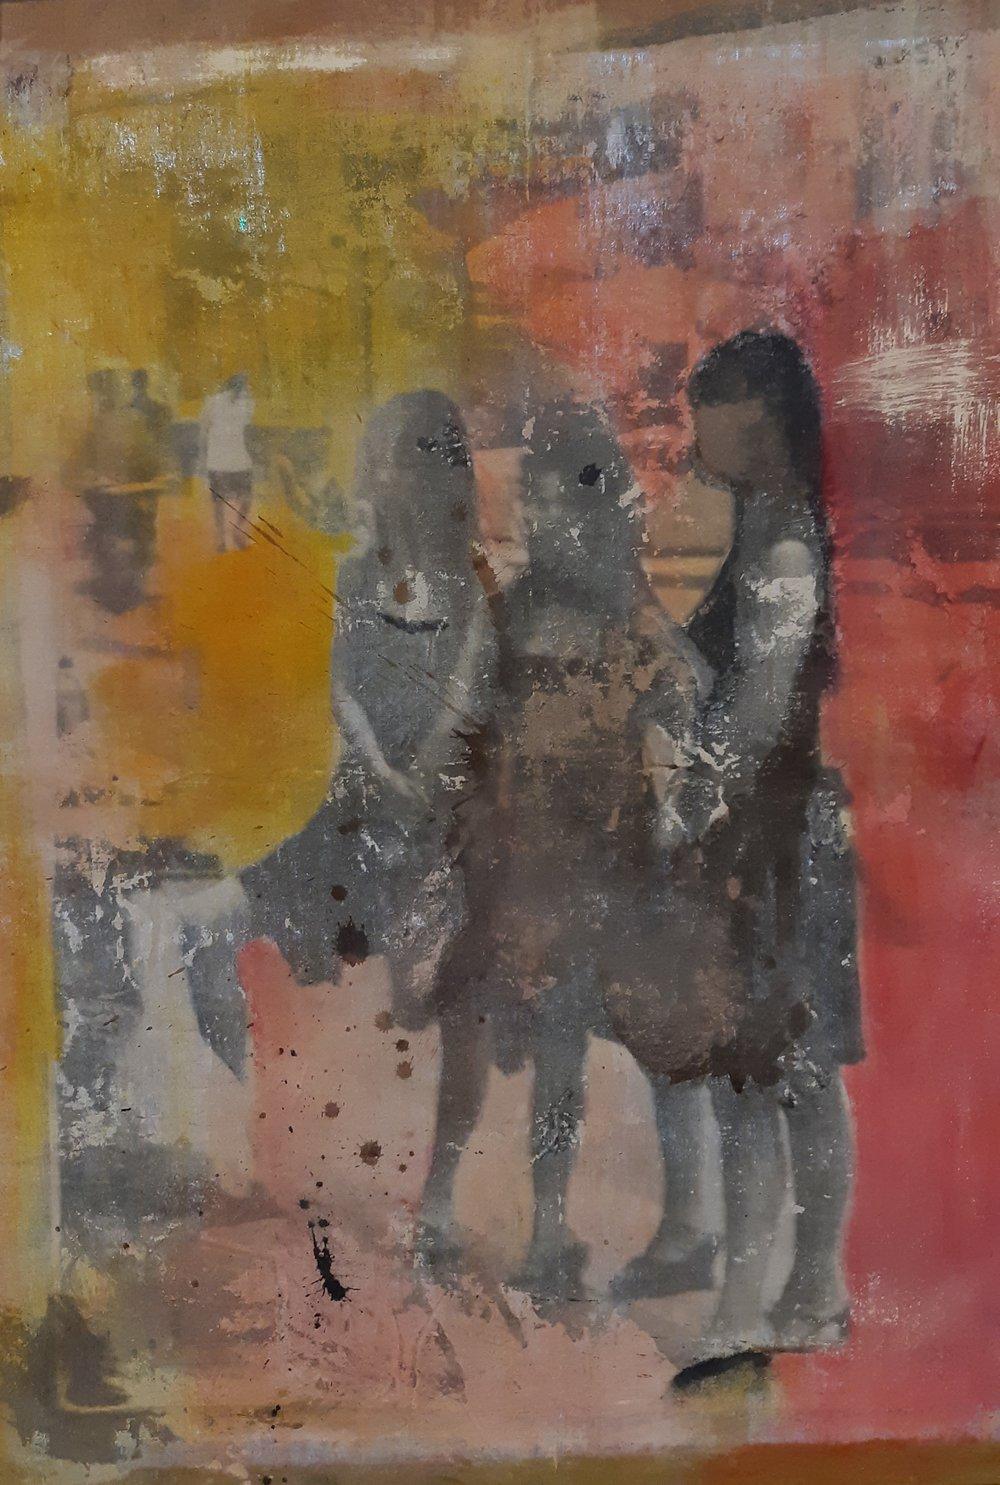 Najing Road - 2018 - Foto emulsie & pigmenten op doek